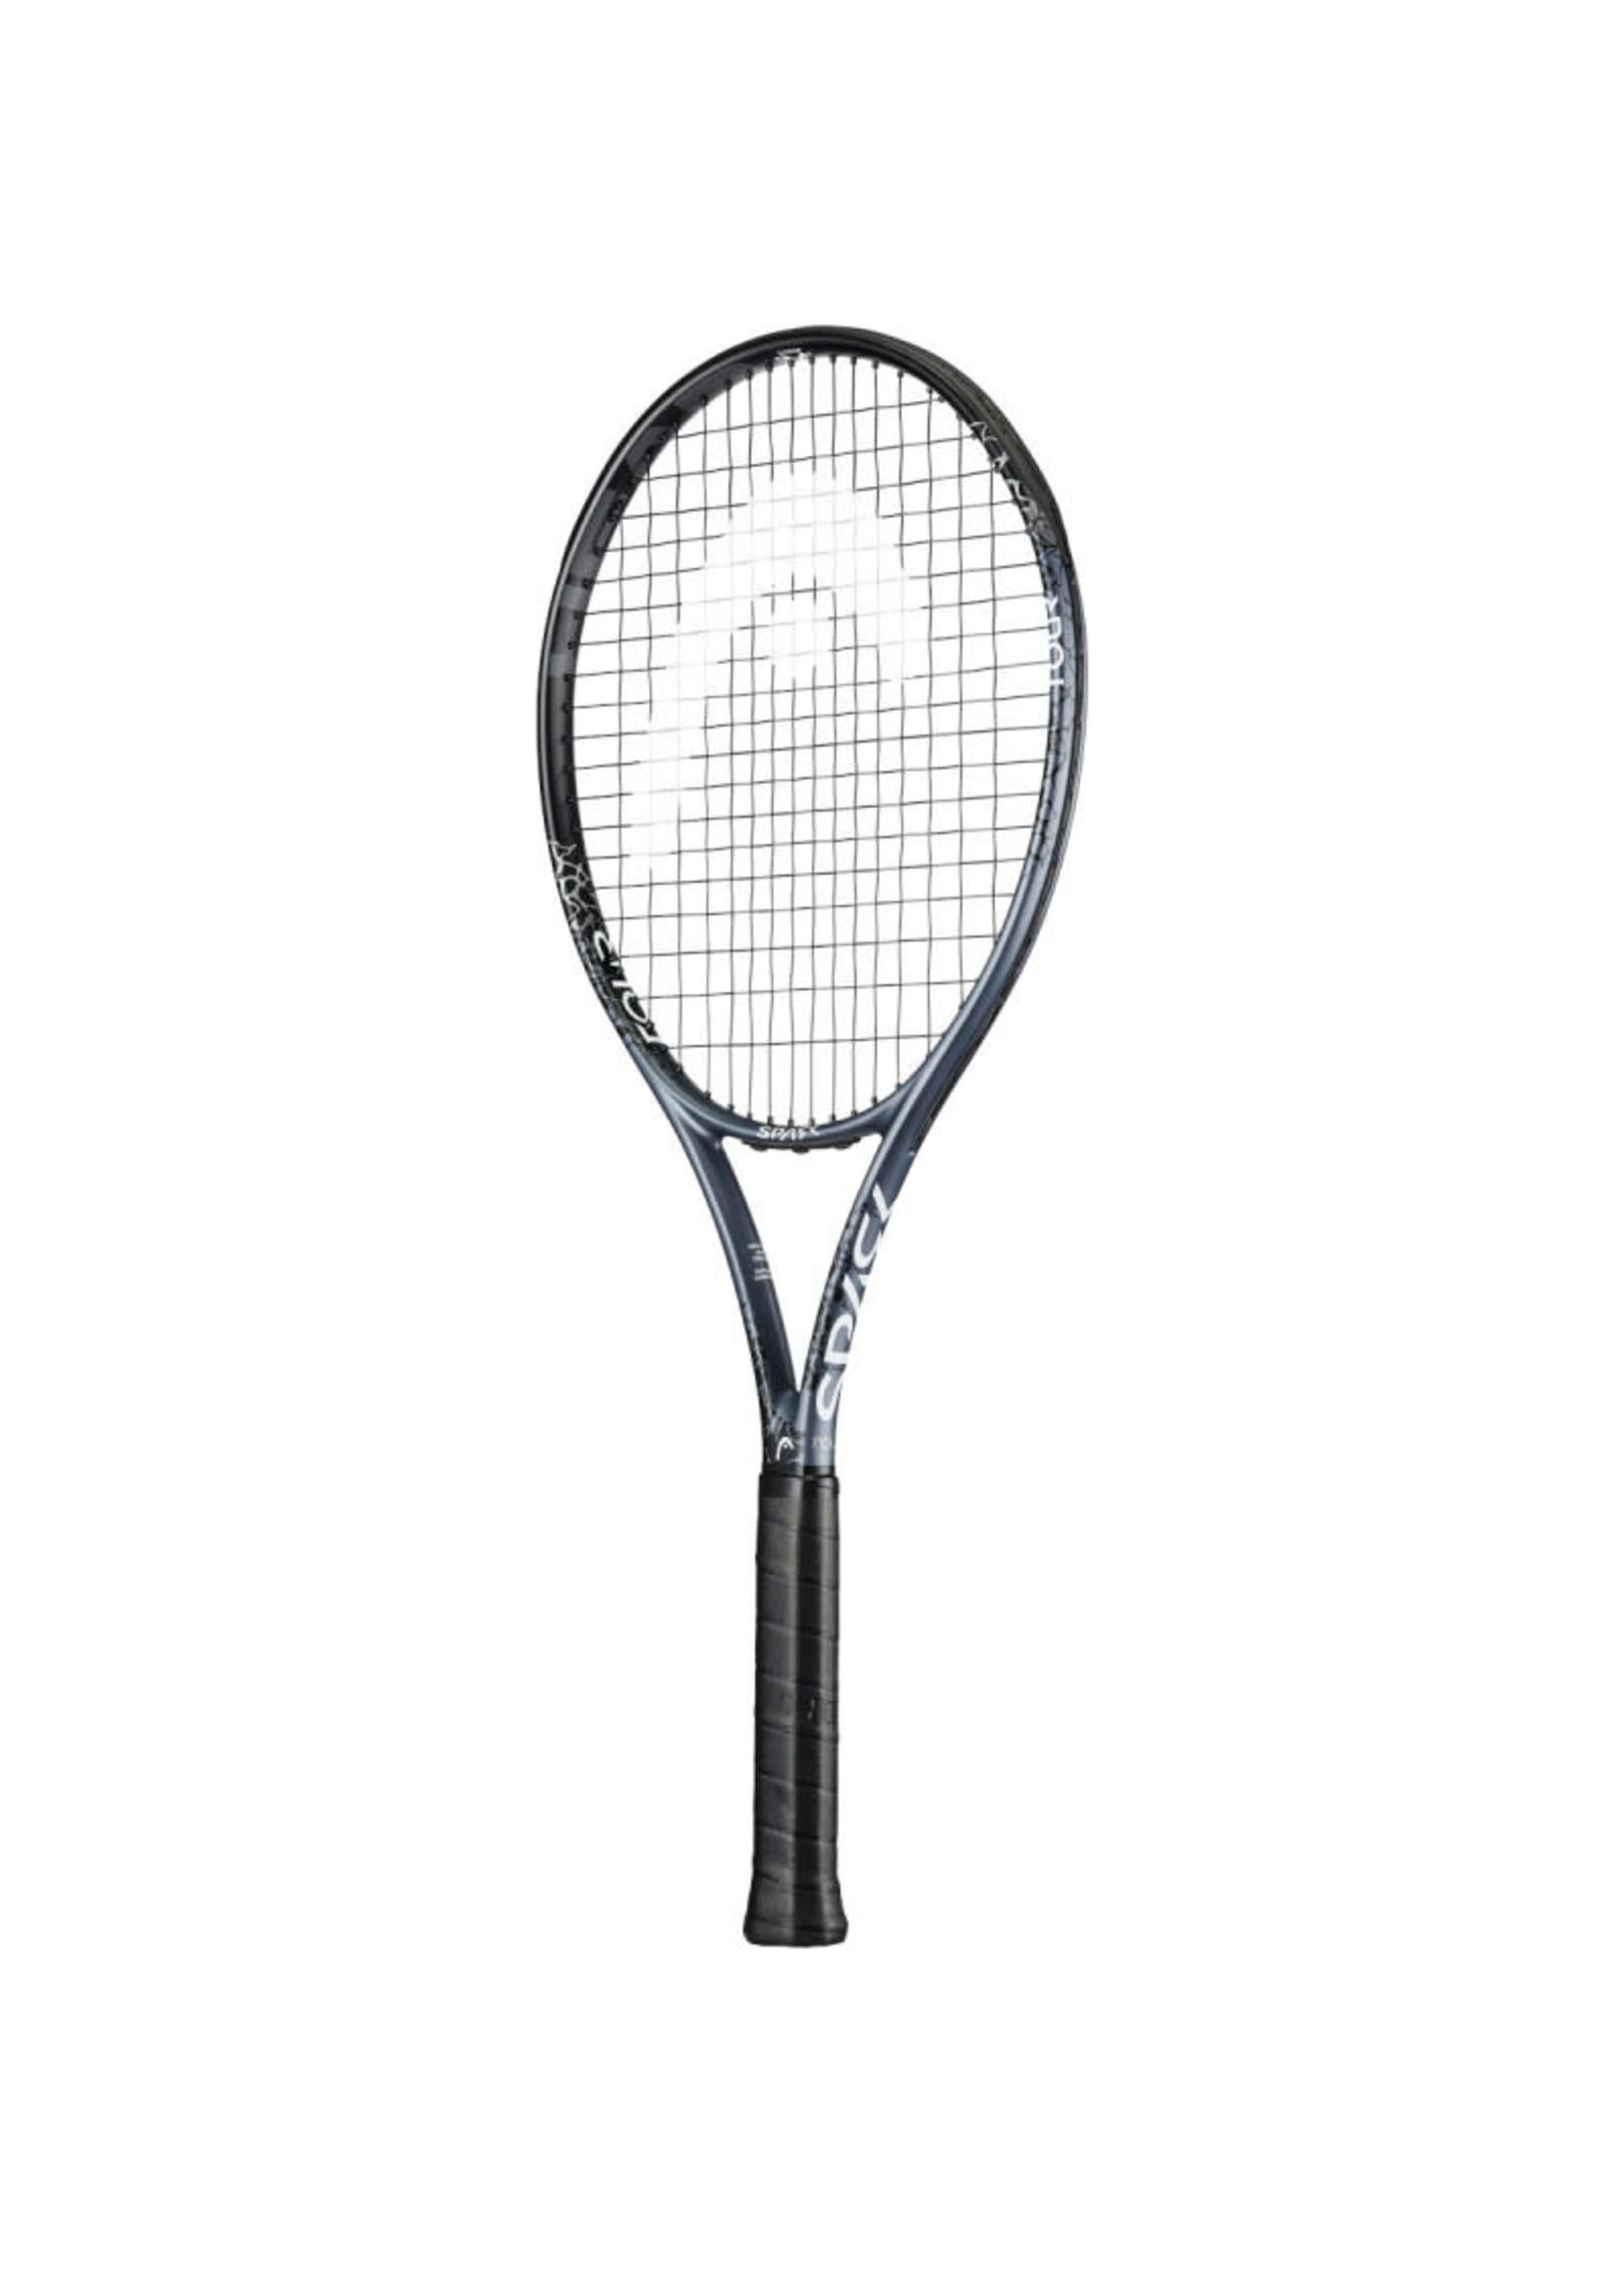 Head Head Spark Tour Stealth Tennis Racket (2021)